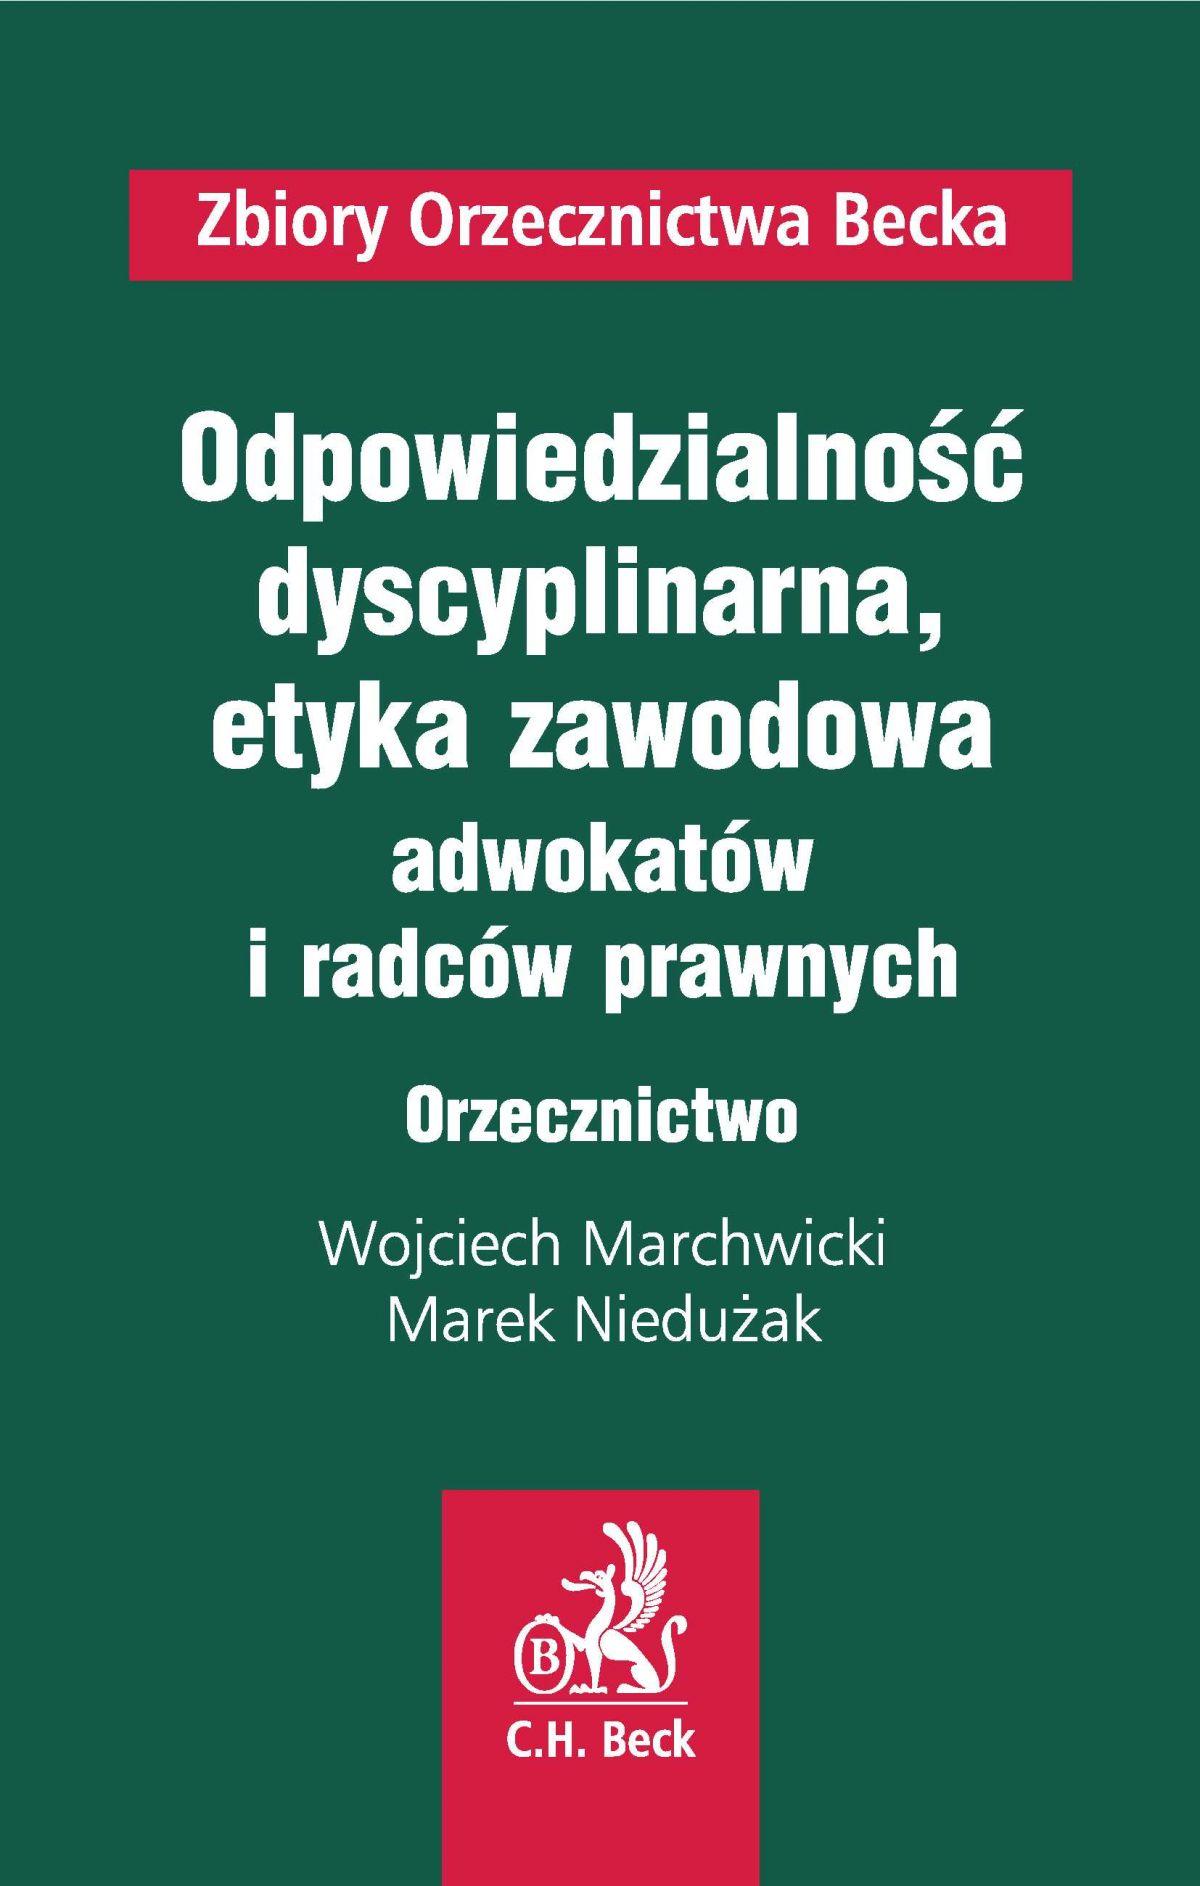 Odpowiedzialność dyscyplinarna oraz etyka zawodowa adwokatów i radców prawnych. Orzecznictwo - Ebook (Książka PDF) do pobrania w formacie PDF